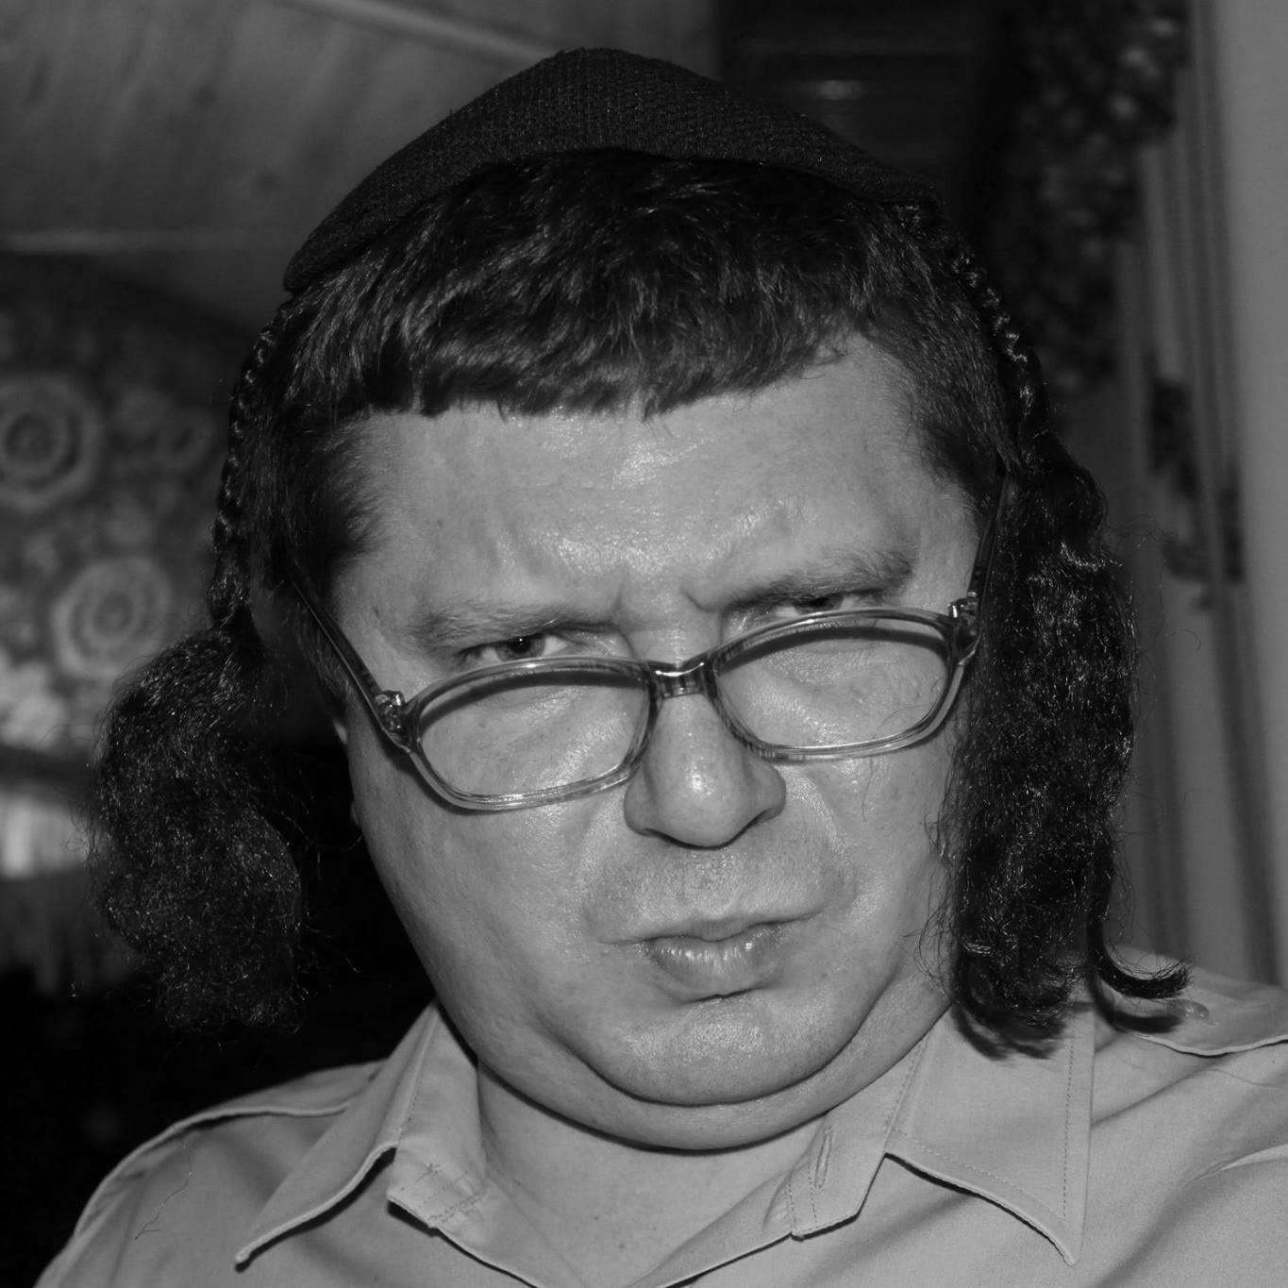 Погибший пилот Сергей курченко